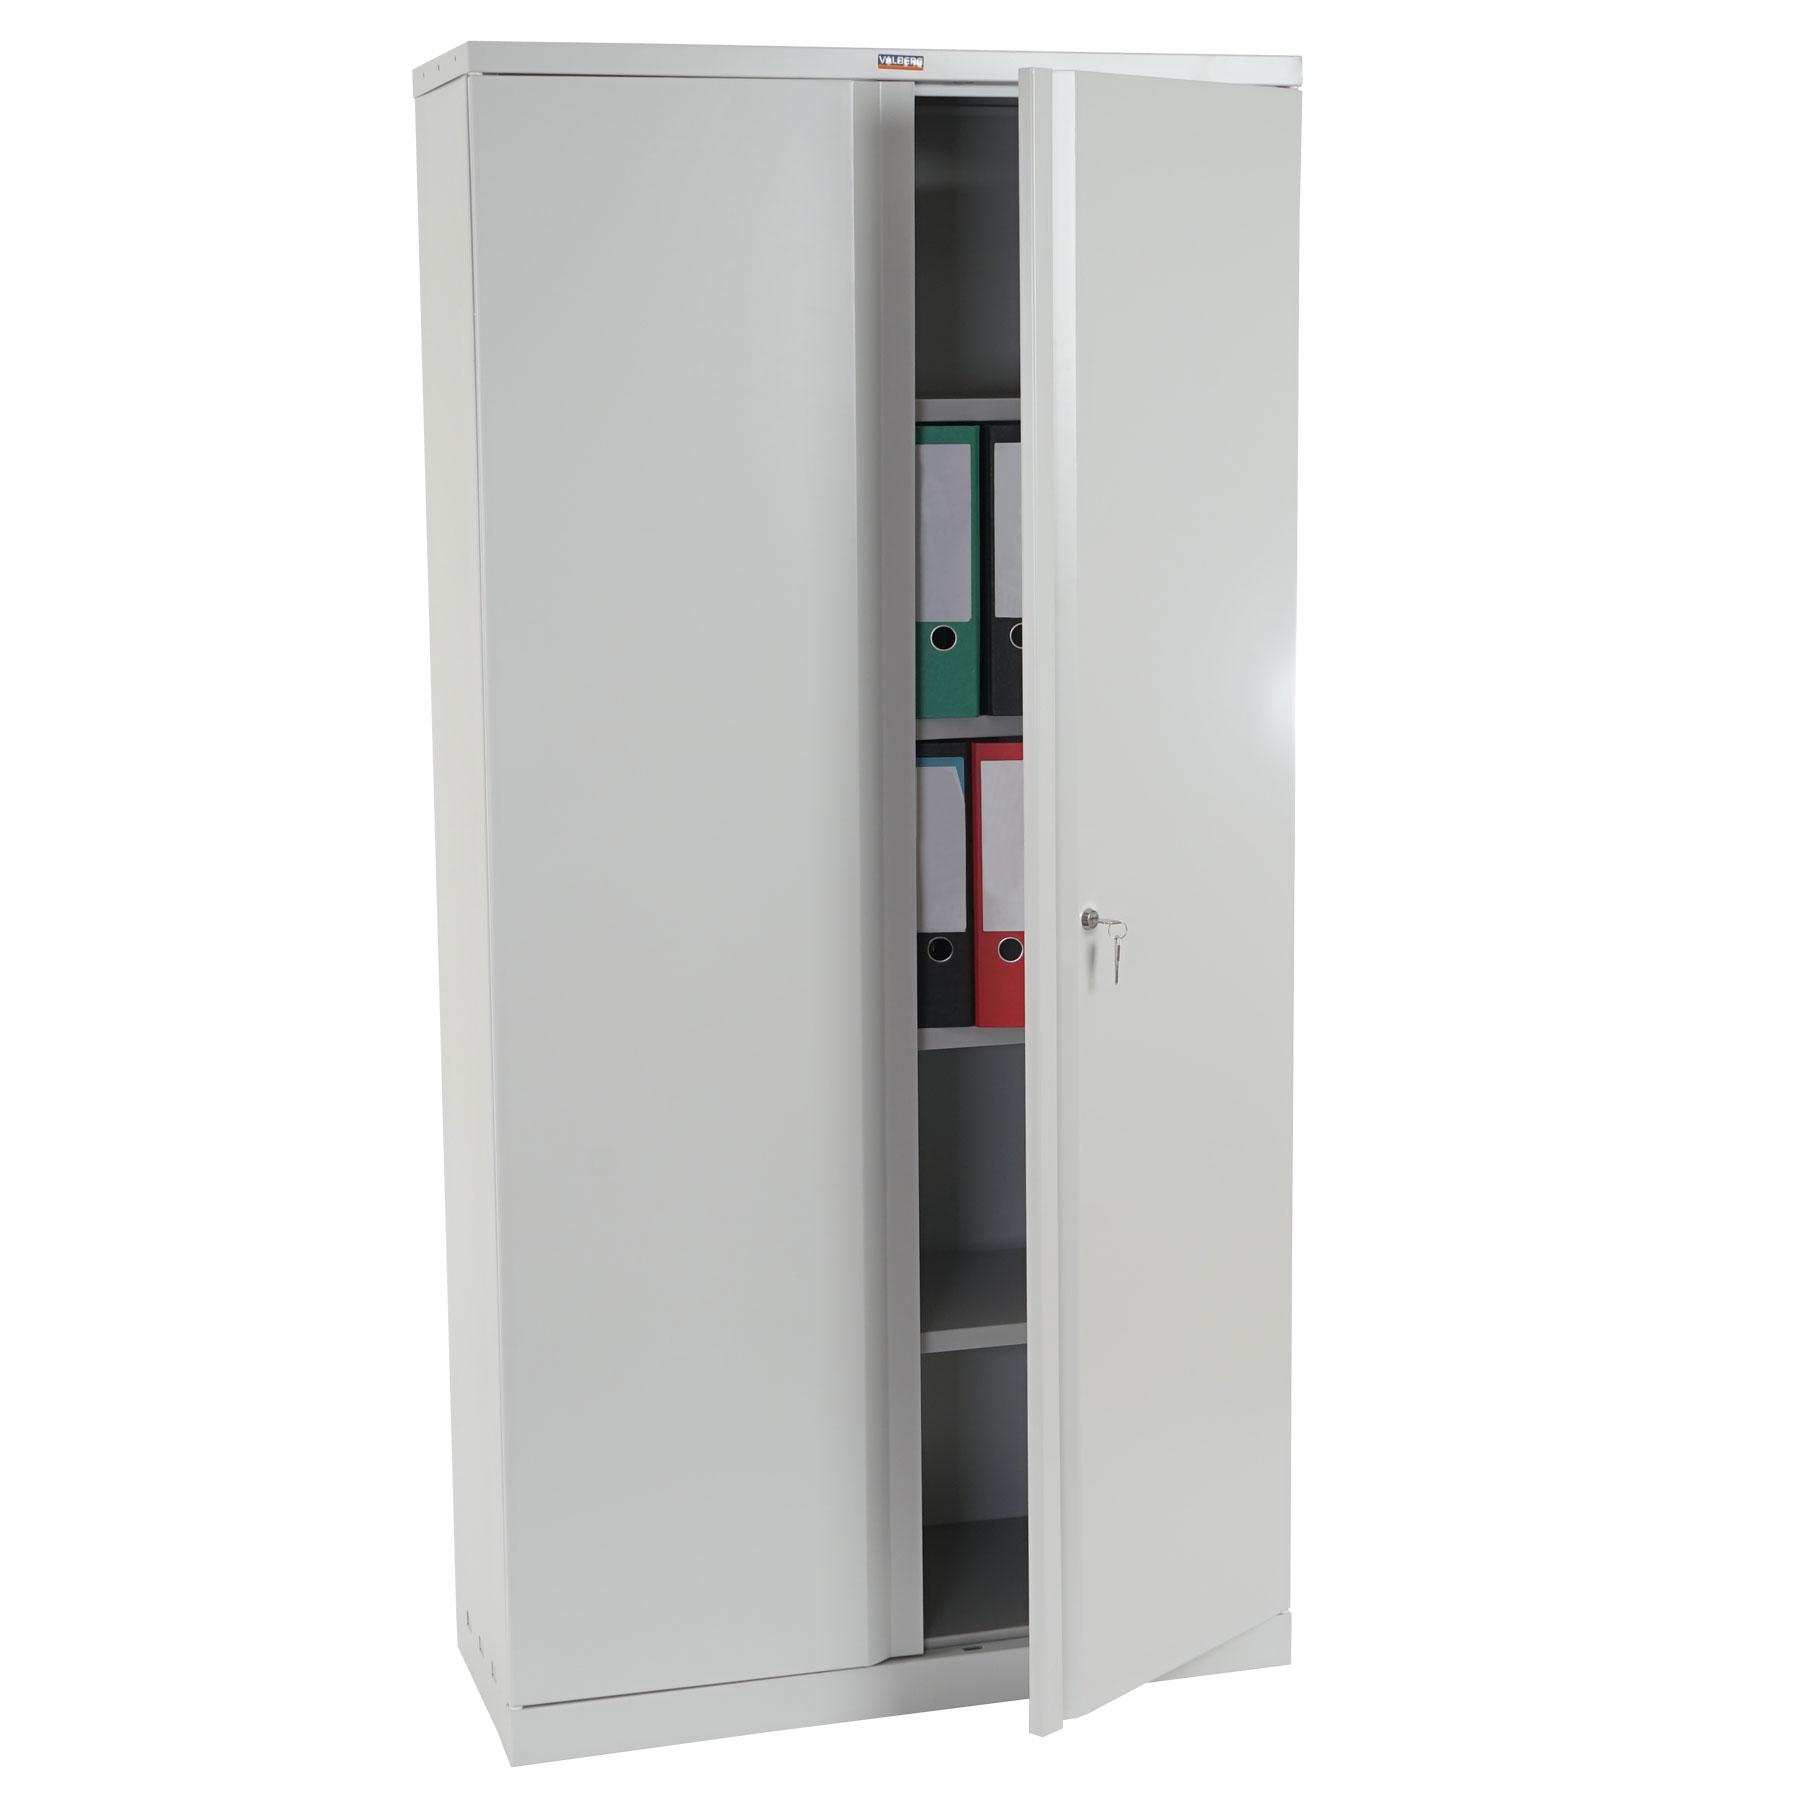 vidaXL Büroschrank Metall 90x40x140cm Aktenschrank Metallschrank Stahlschrank